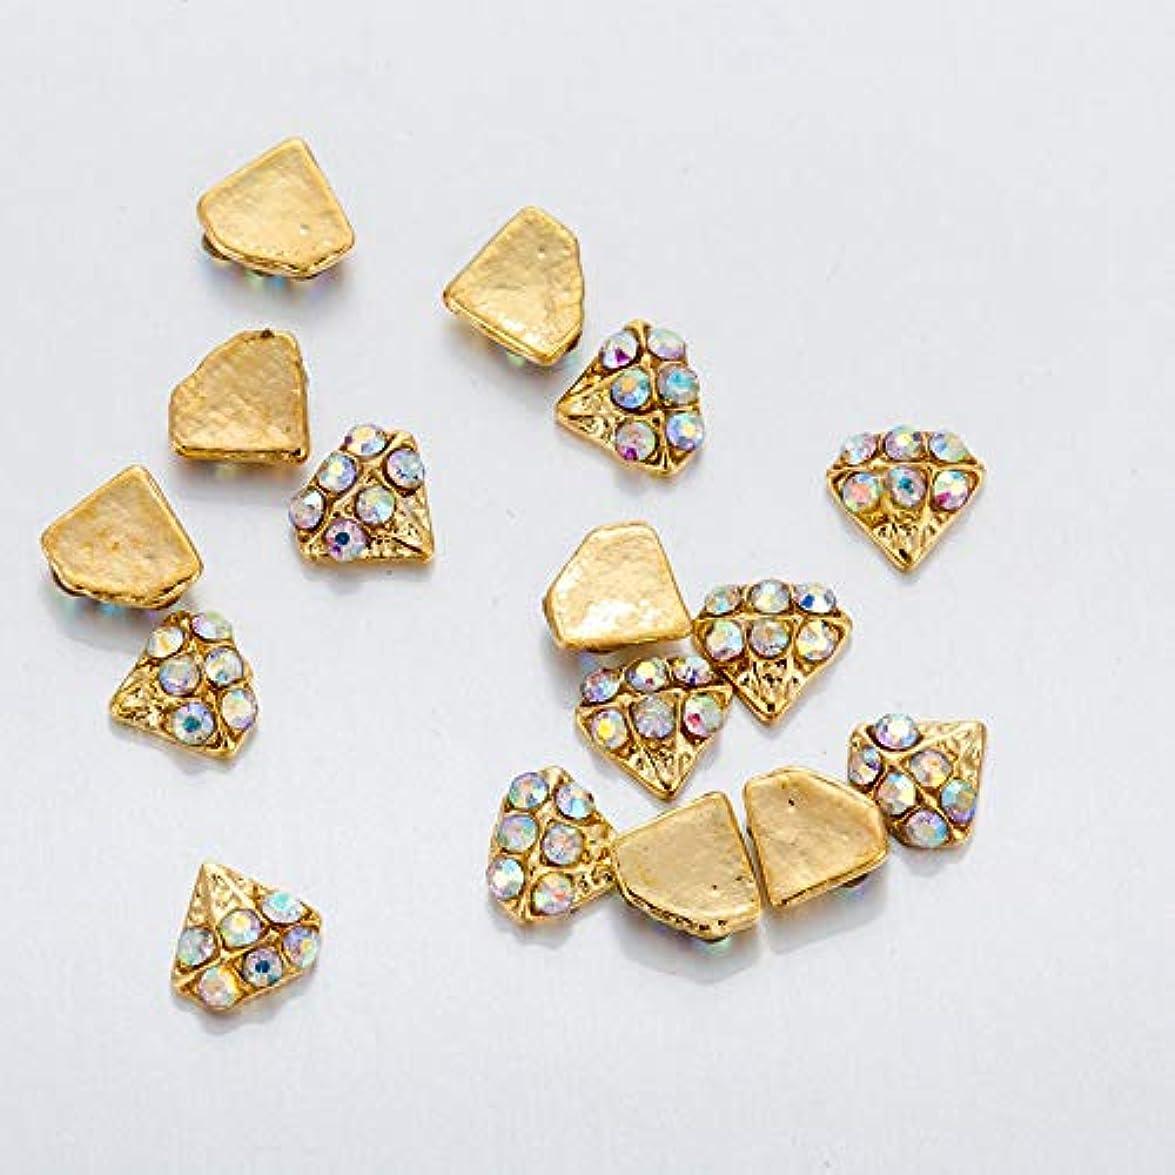 カウンタミトン遺産10 PCS /袋3Dラインストーンダイヤモンド形状合金のフラワーネイルグラマーネイルアートデコレーションスパークリングラインストーンネイル用品